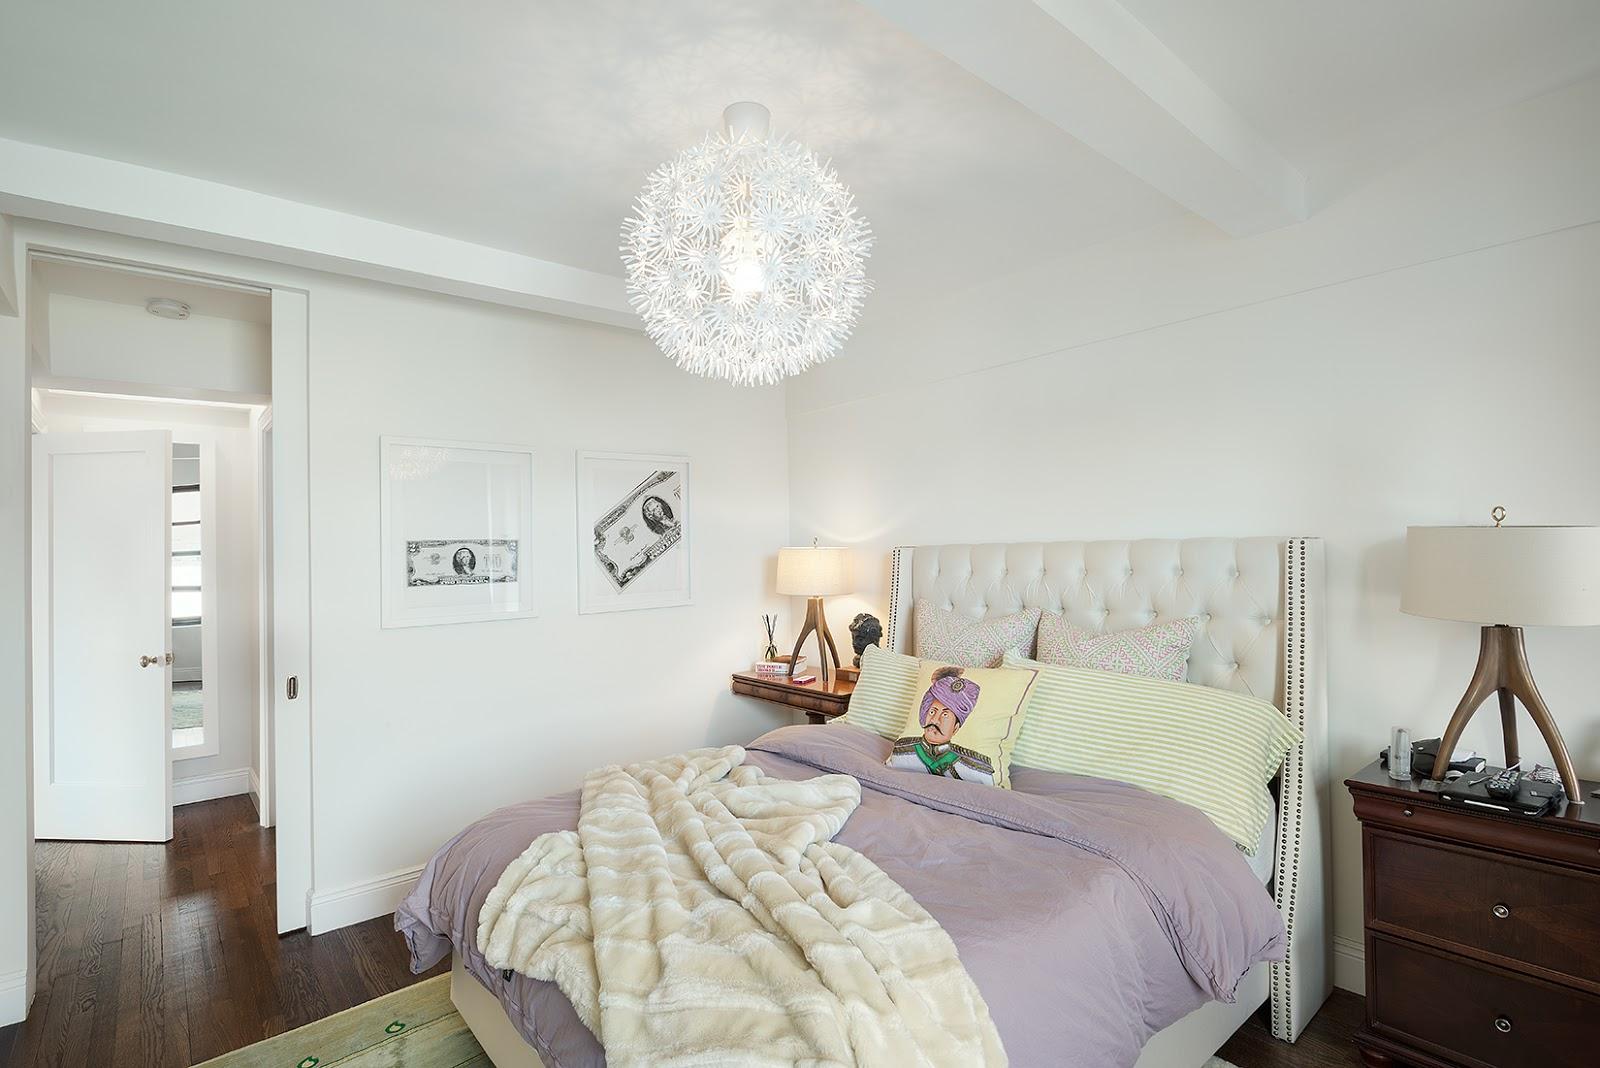 Muebles de dormitorio 5 ideas para decorar tu dormitorio for Ideas para decorar tu dormitorio